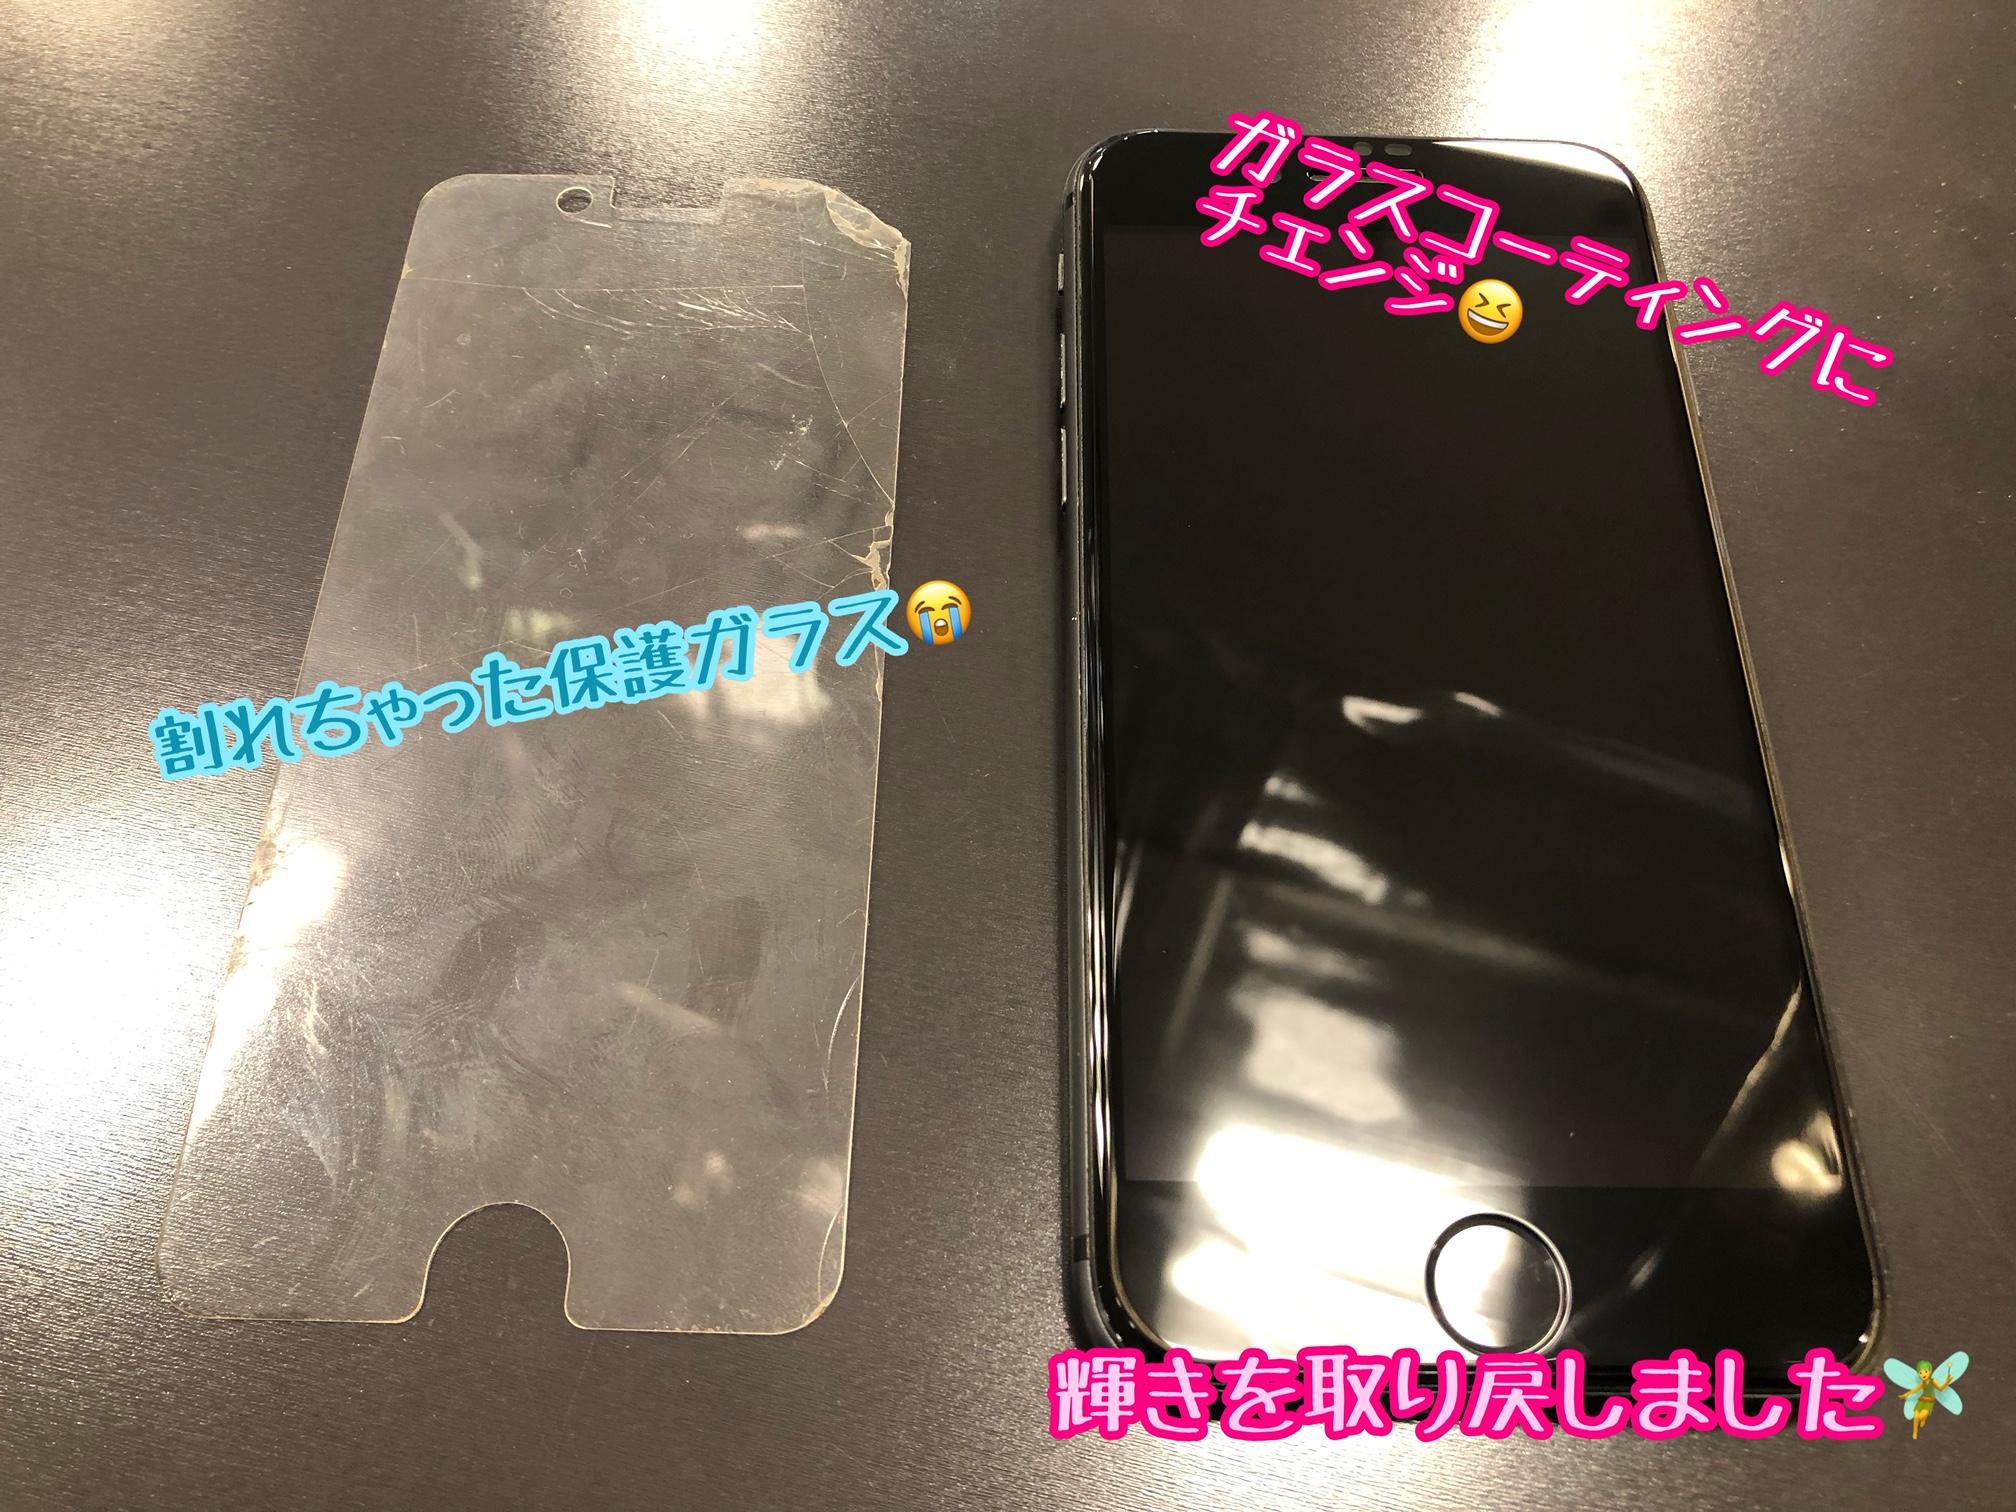 iPhone保護フィルムからガラスコーティングへの乗り換え増えています(*^^*)